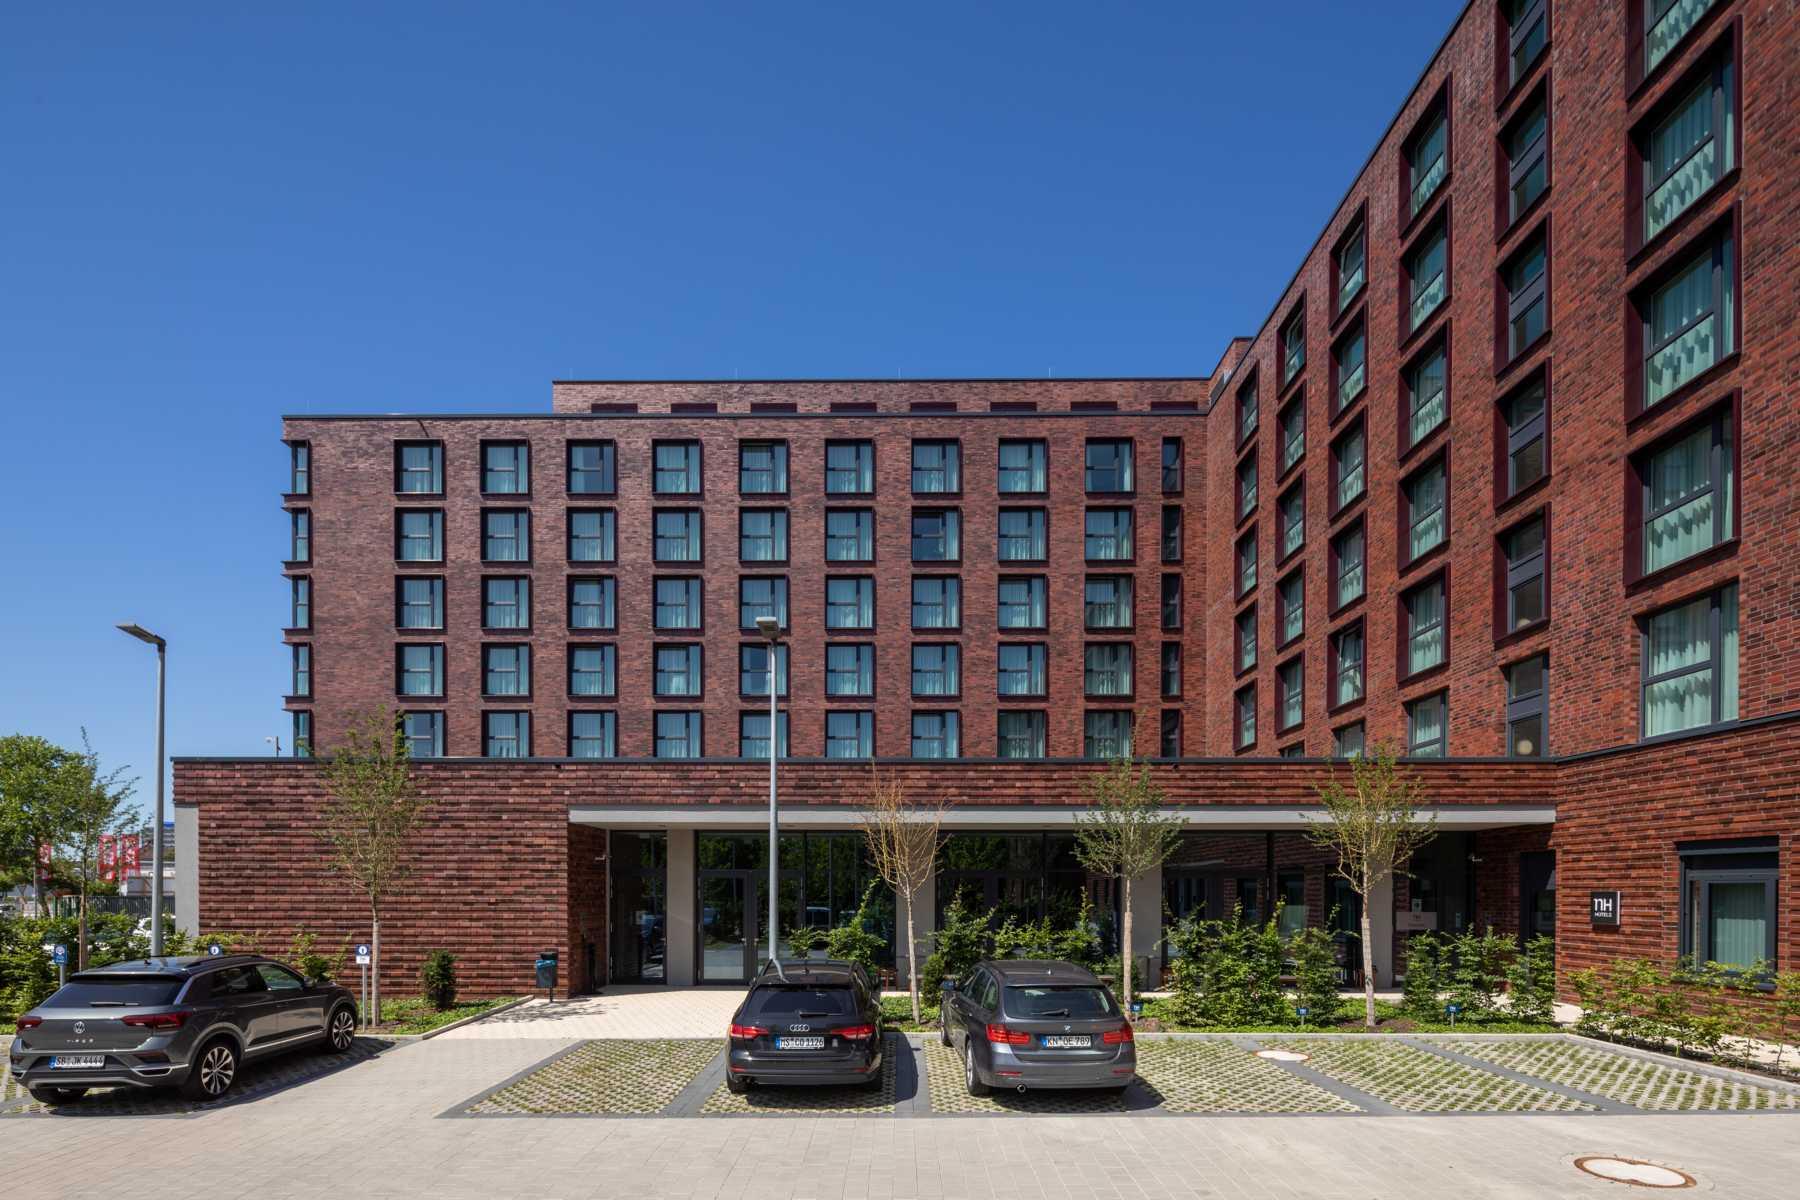 K1600_20200624_010_Prasch Buken Partner Architekten ©DUCKEK NH Hotels niu Hotels Mannheim__G9A5552